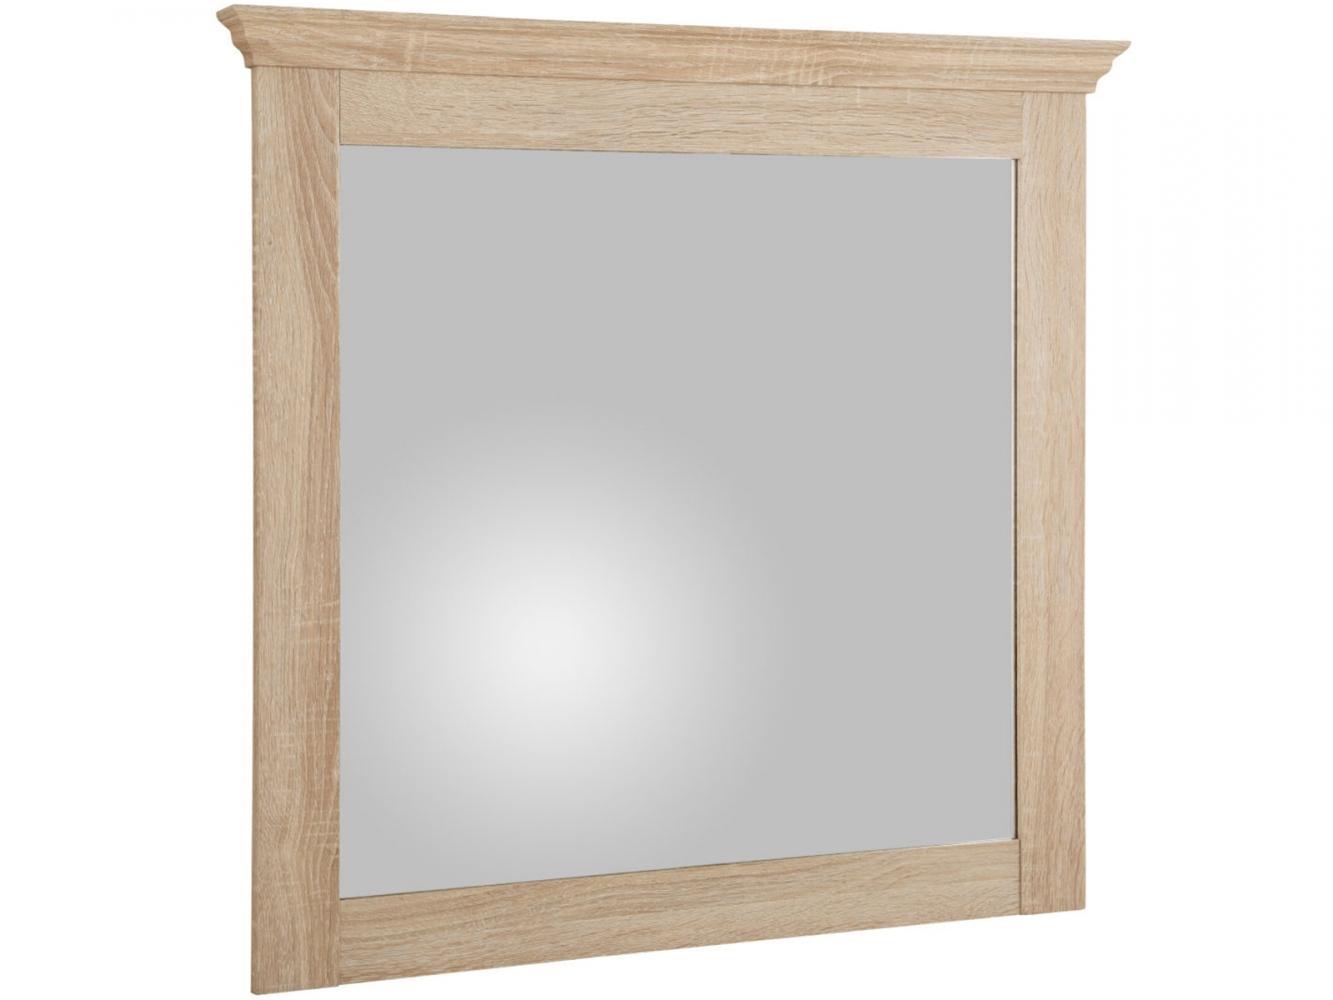 Nástěnné zrcadlo Brusel, 75 cm, dub